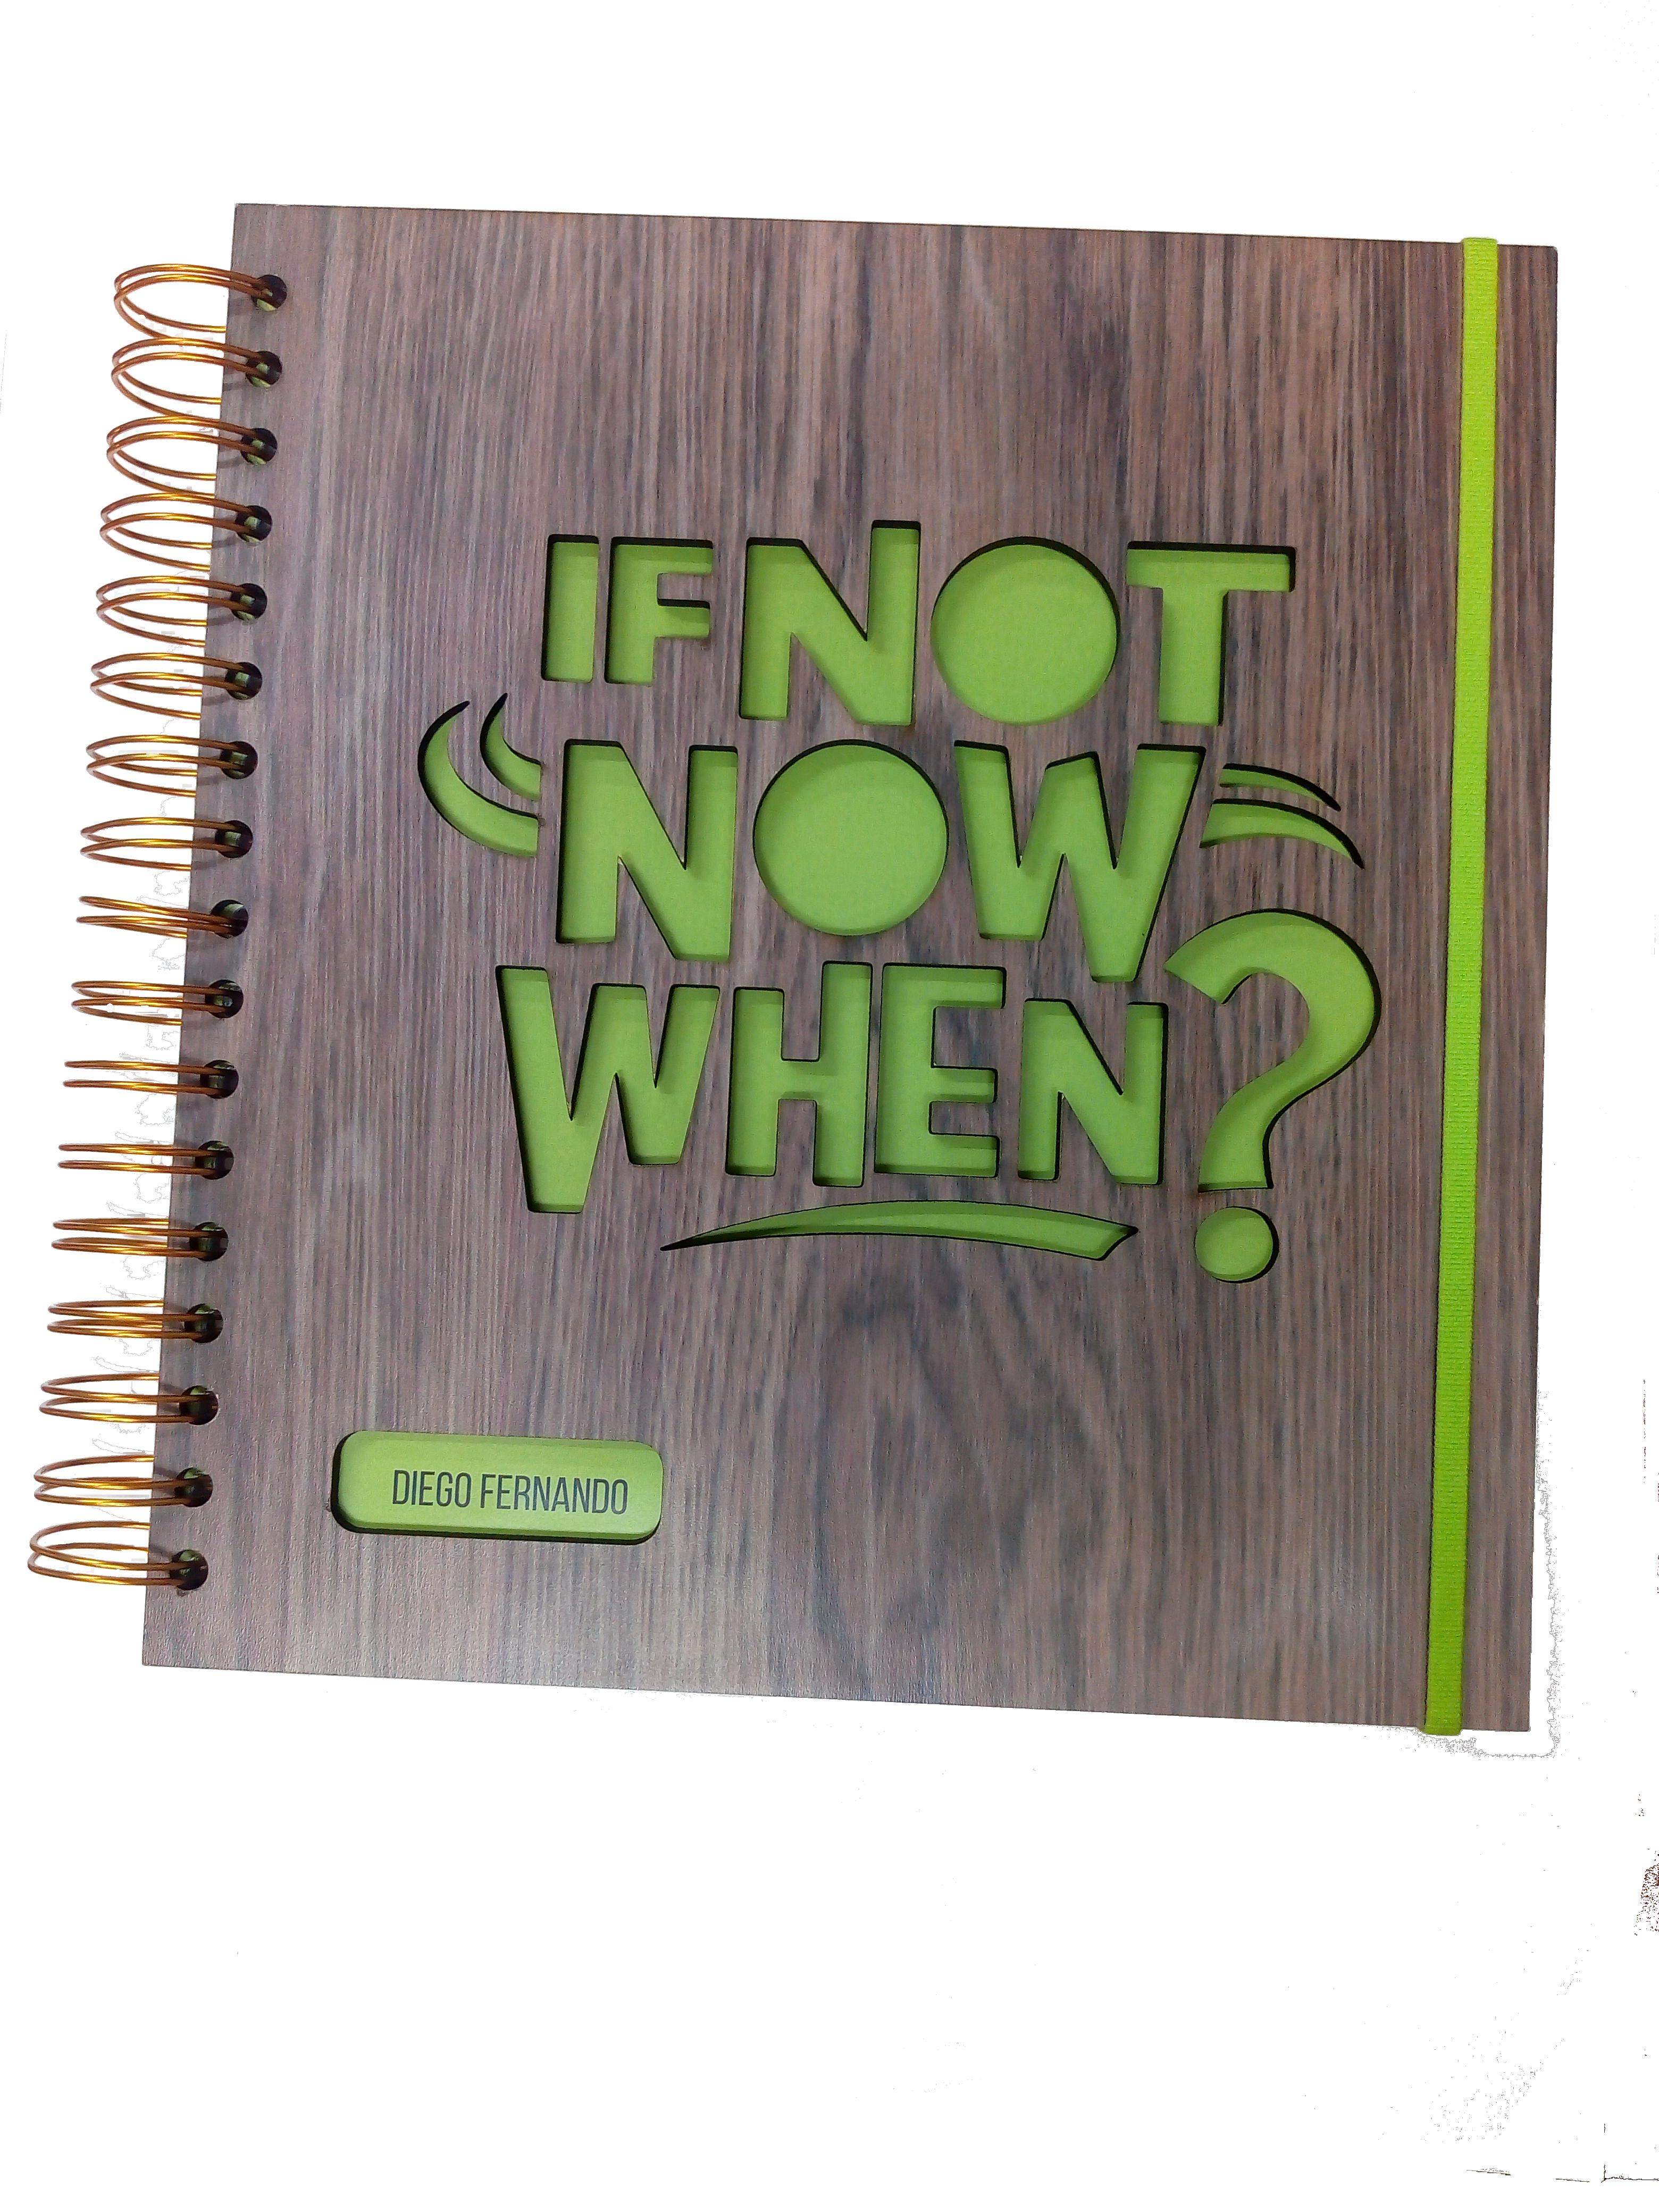 Cuaderno ECO con caratula en madera